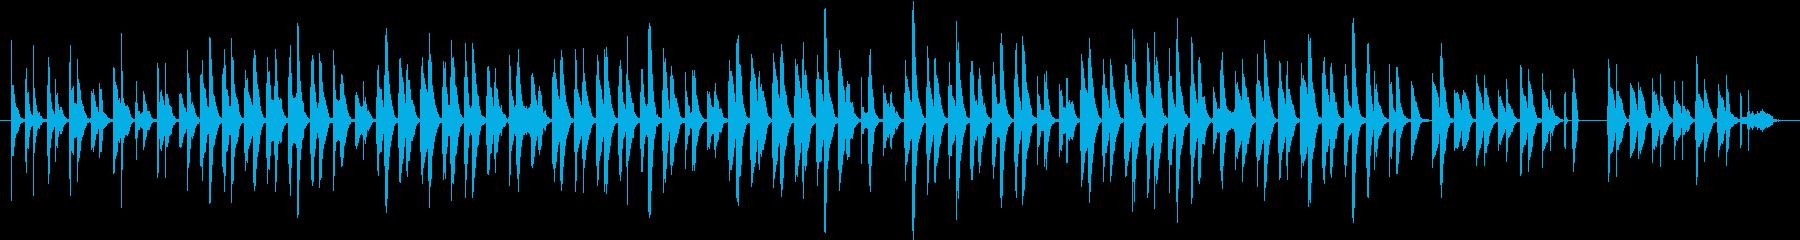 〜ほんわか愛らしい動物映像〜打楽器♪の再生済みの波形